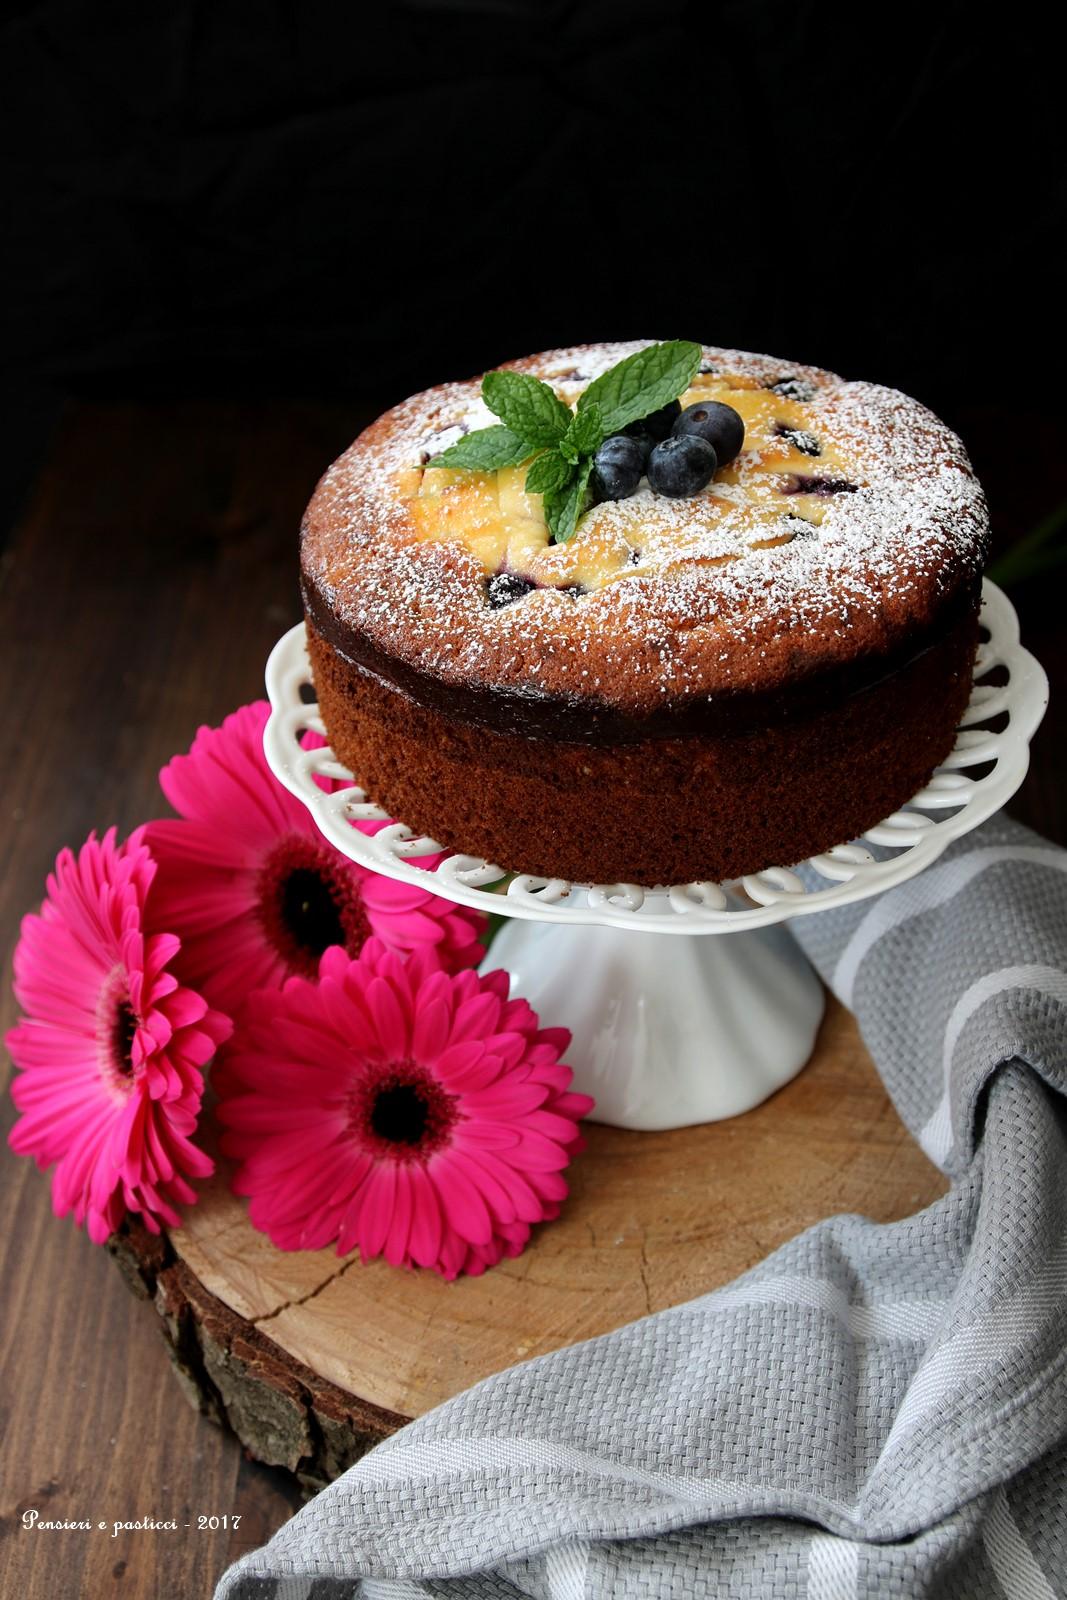 torta alla crema di ricotta e mirtilli